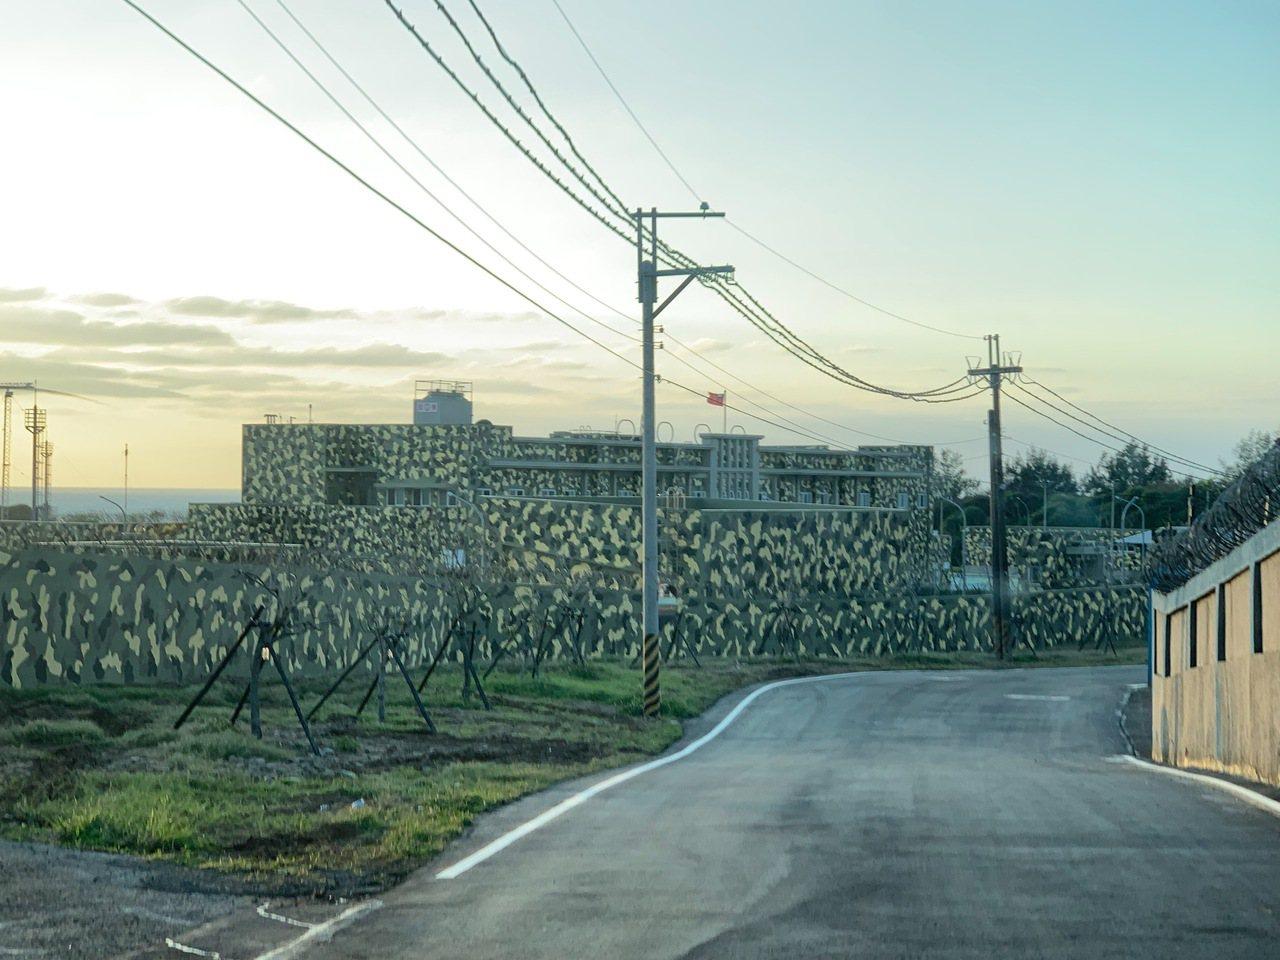 國軍最新示範偽裝的軍用營舍落成,位於三芝海際的海軍微波通訊「芝通營區」月前成軍啟...